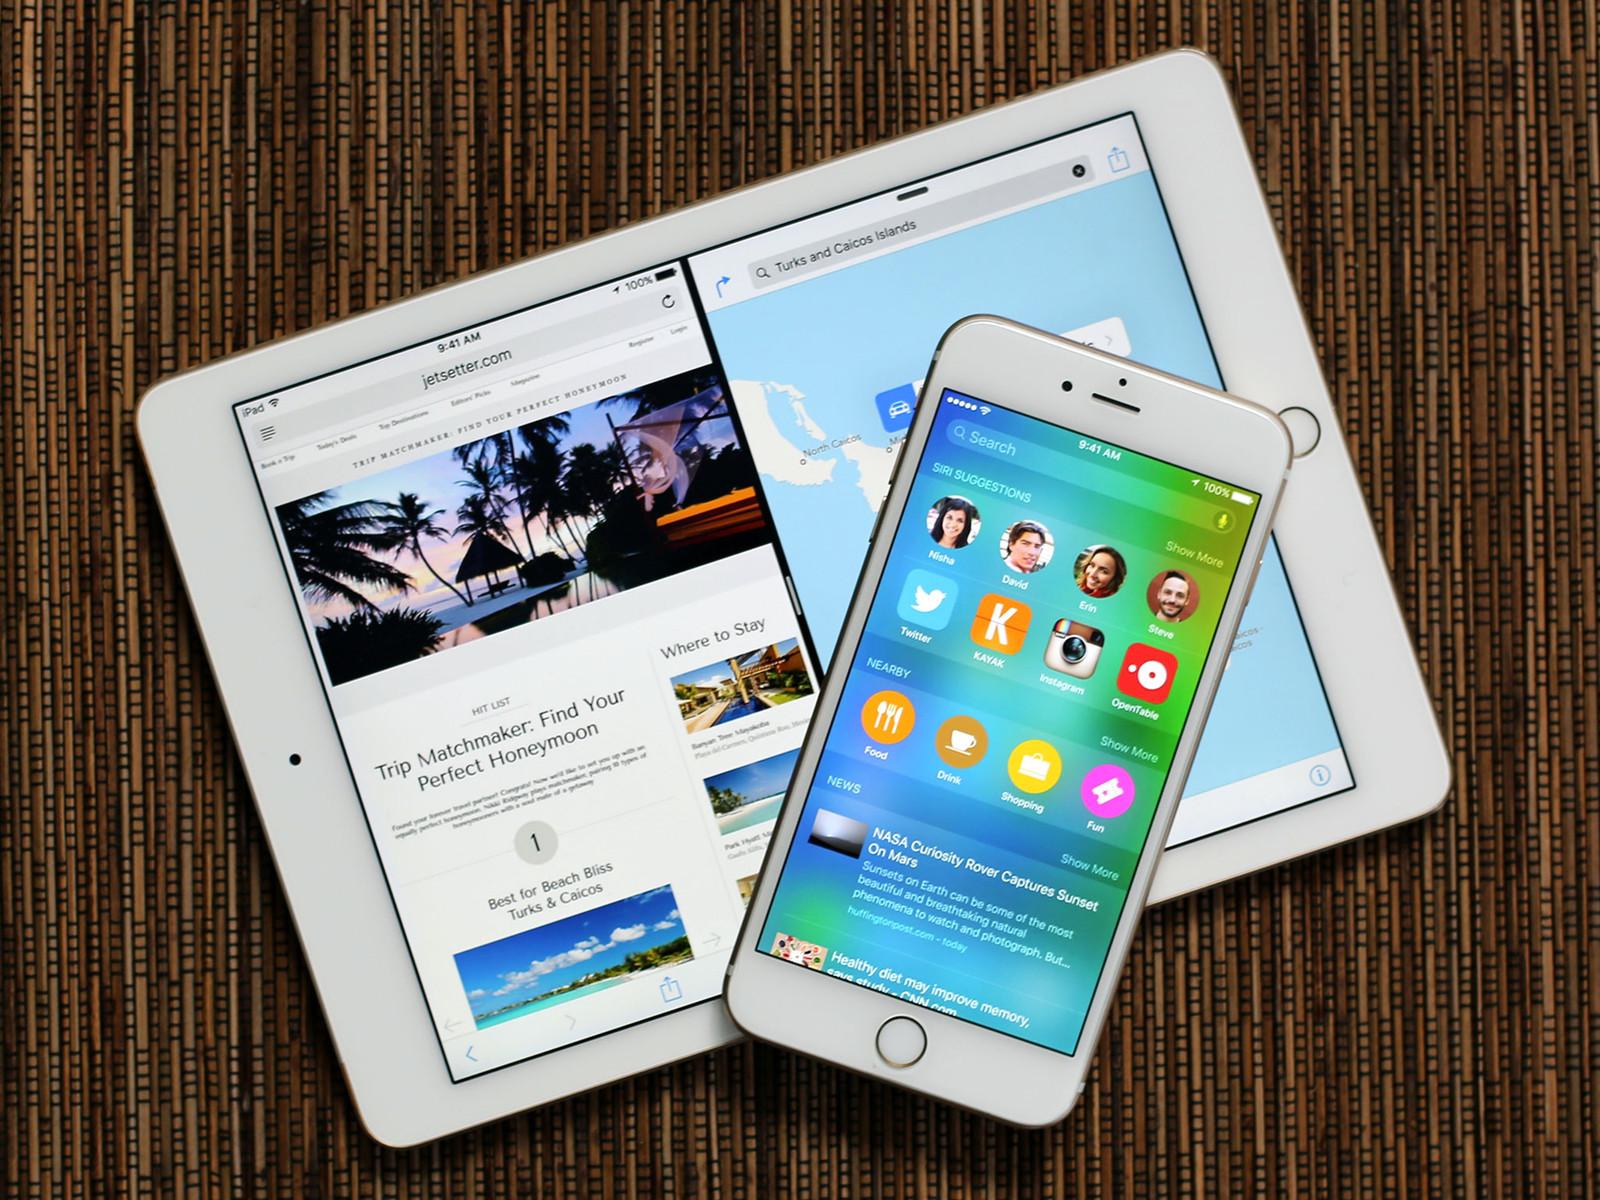 ios-9-iphone-ipad-comp